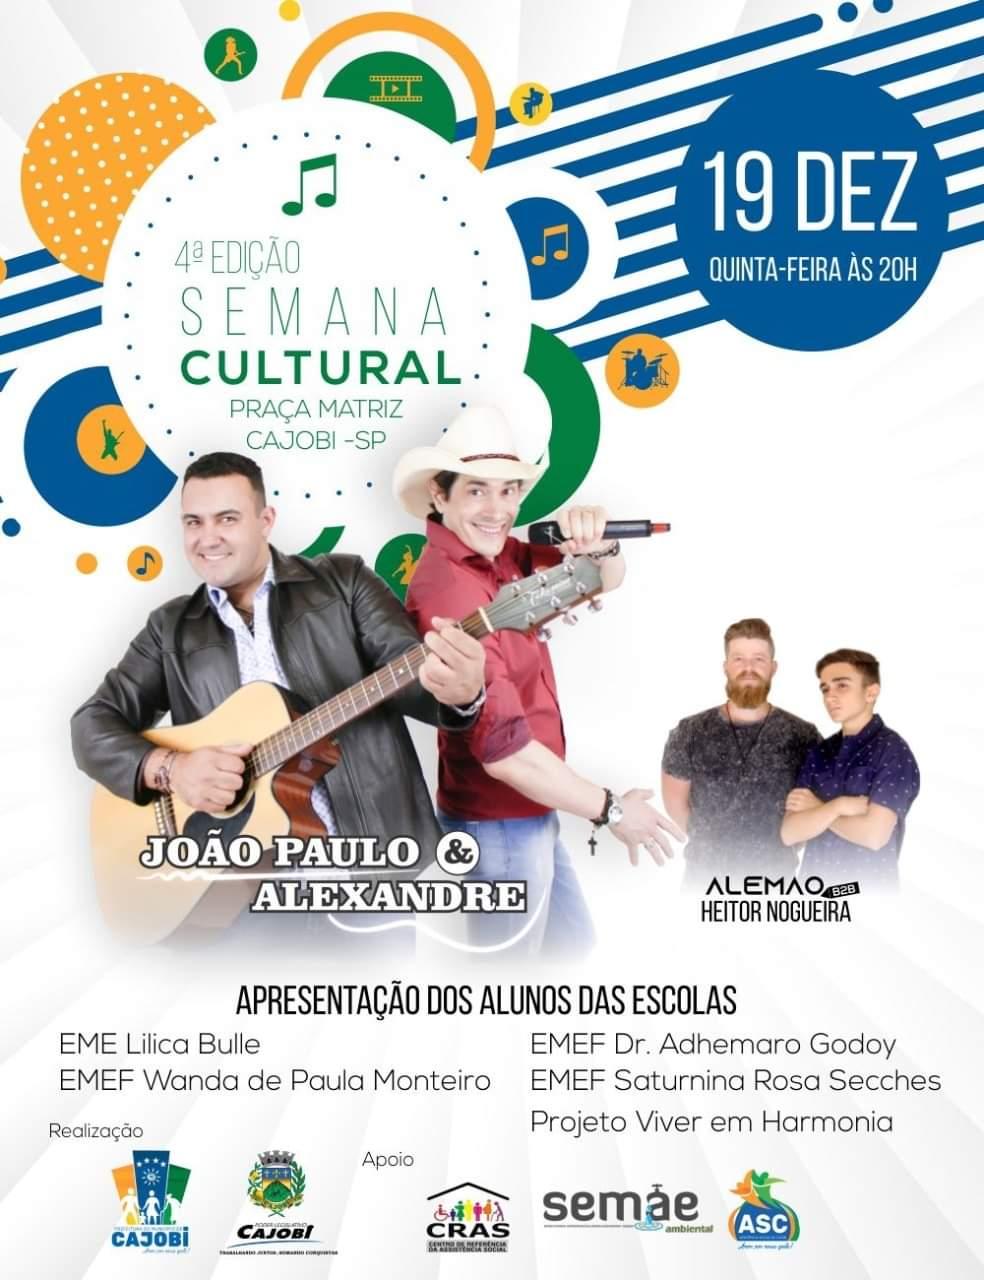 Começa hoje a 4ª edição da Semana Cultural em Cajobi